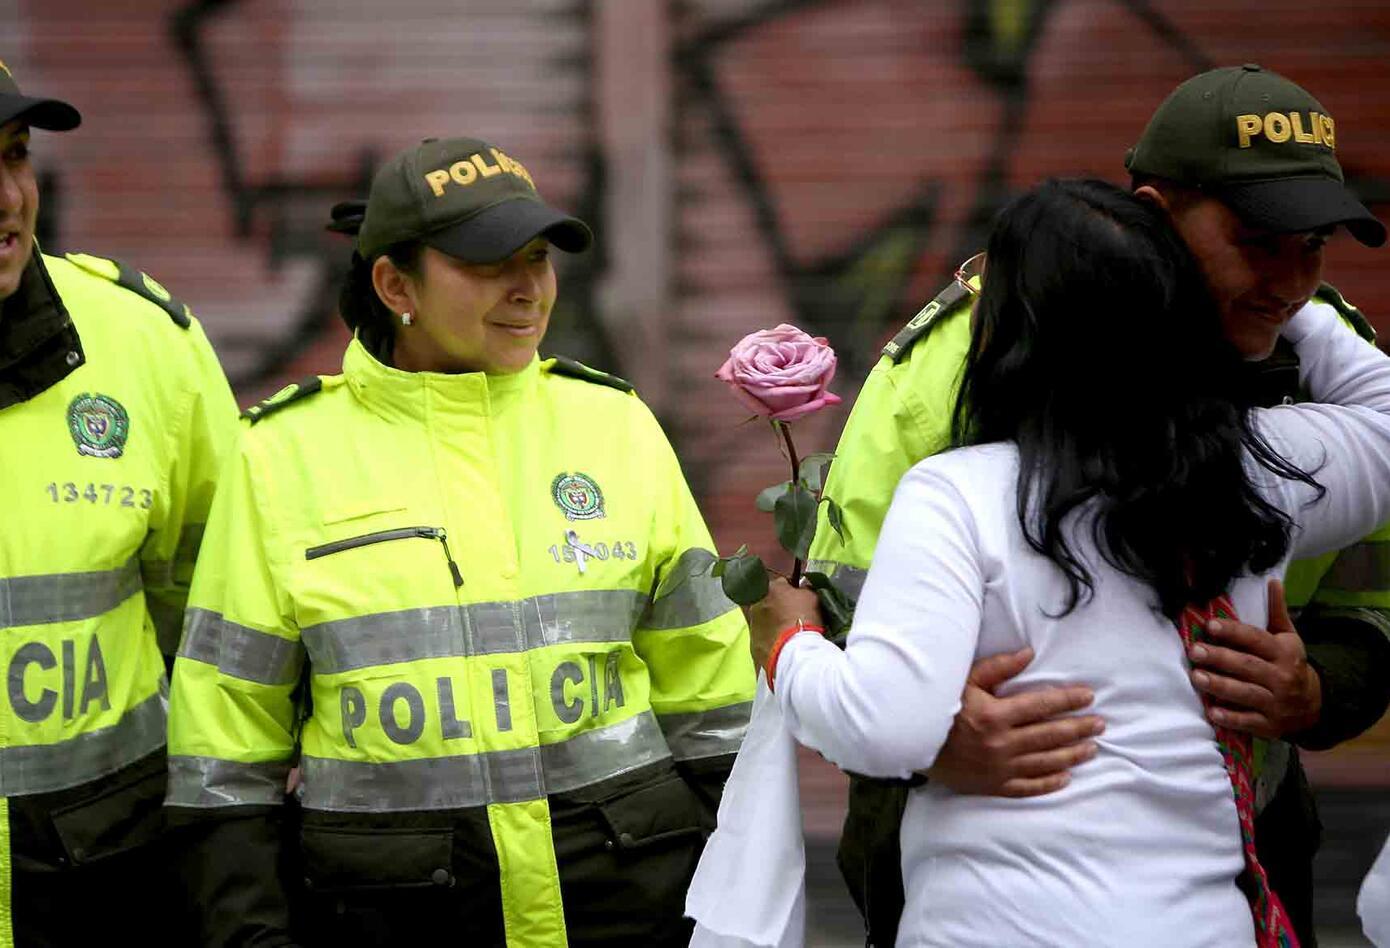 Una abrazatón se dio también en la marcha contra el terrorismo.